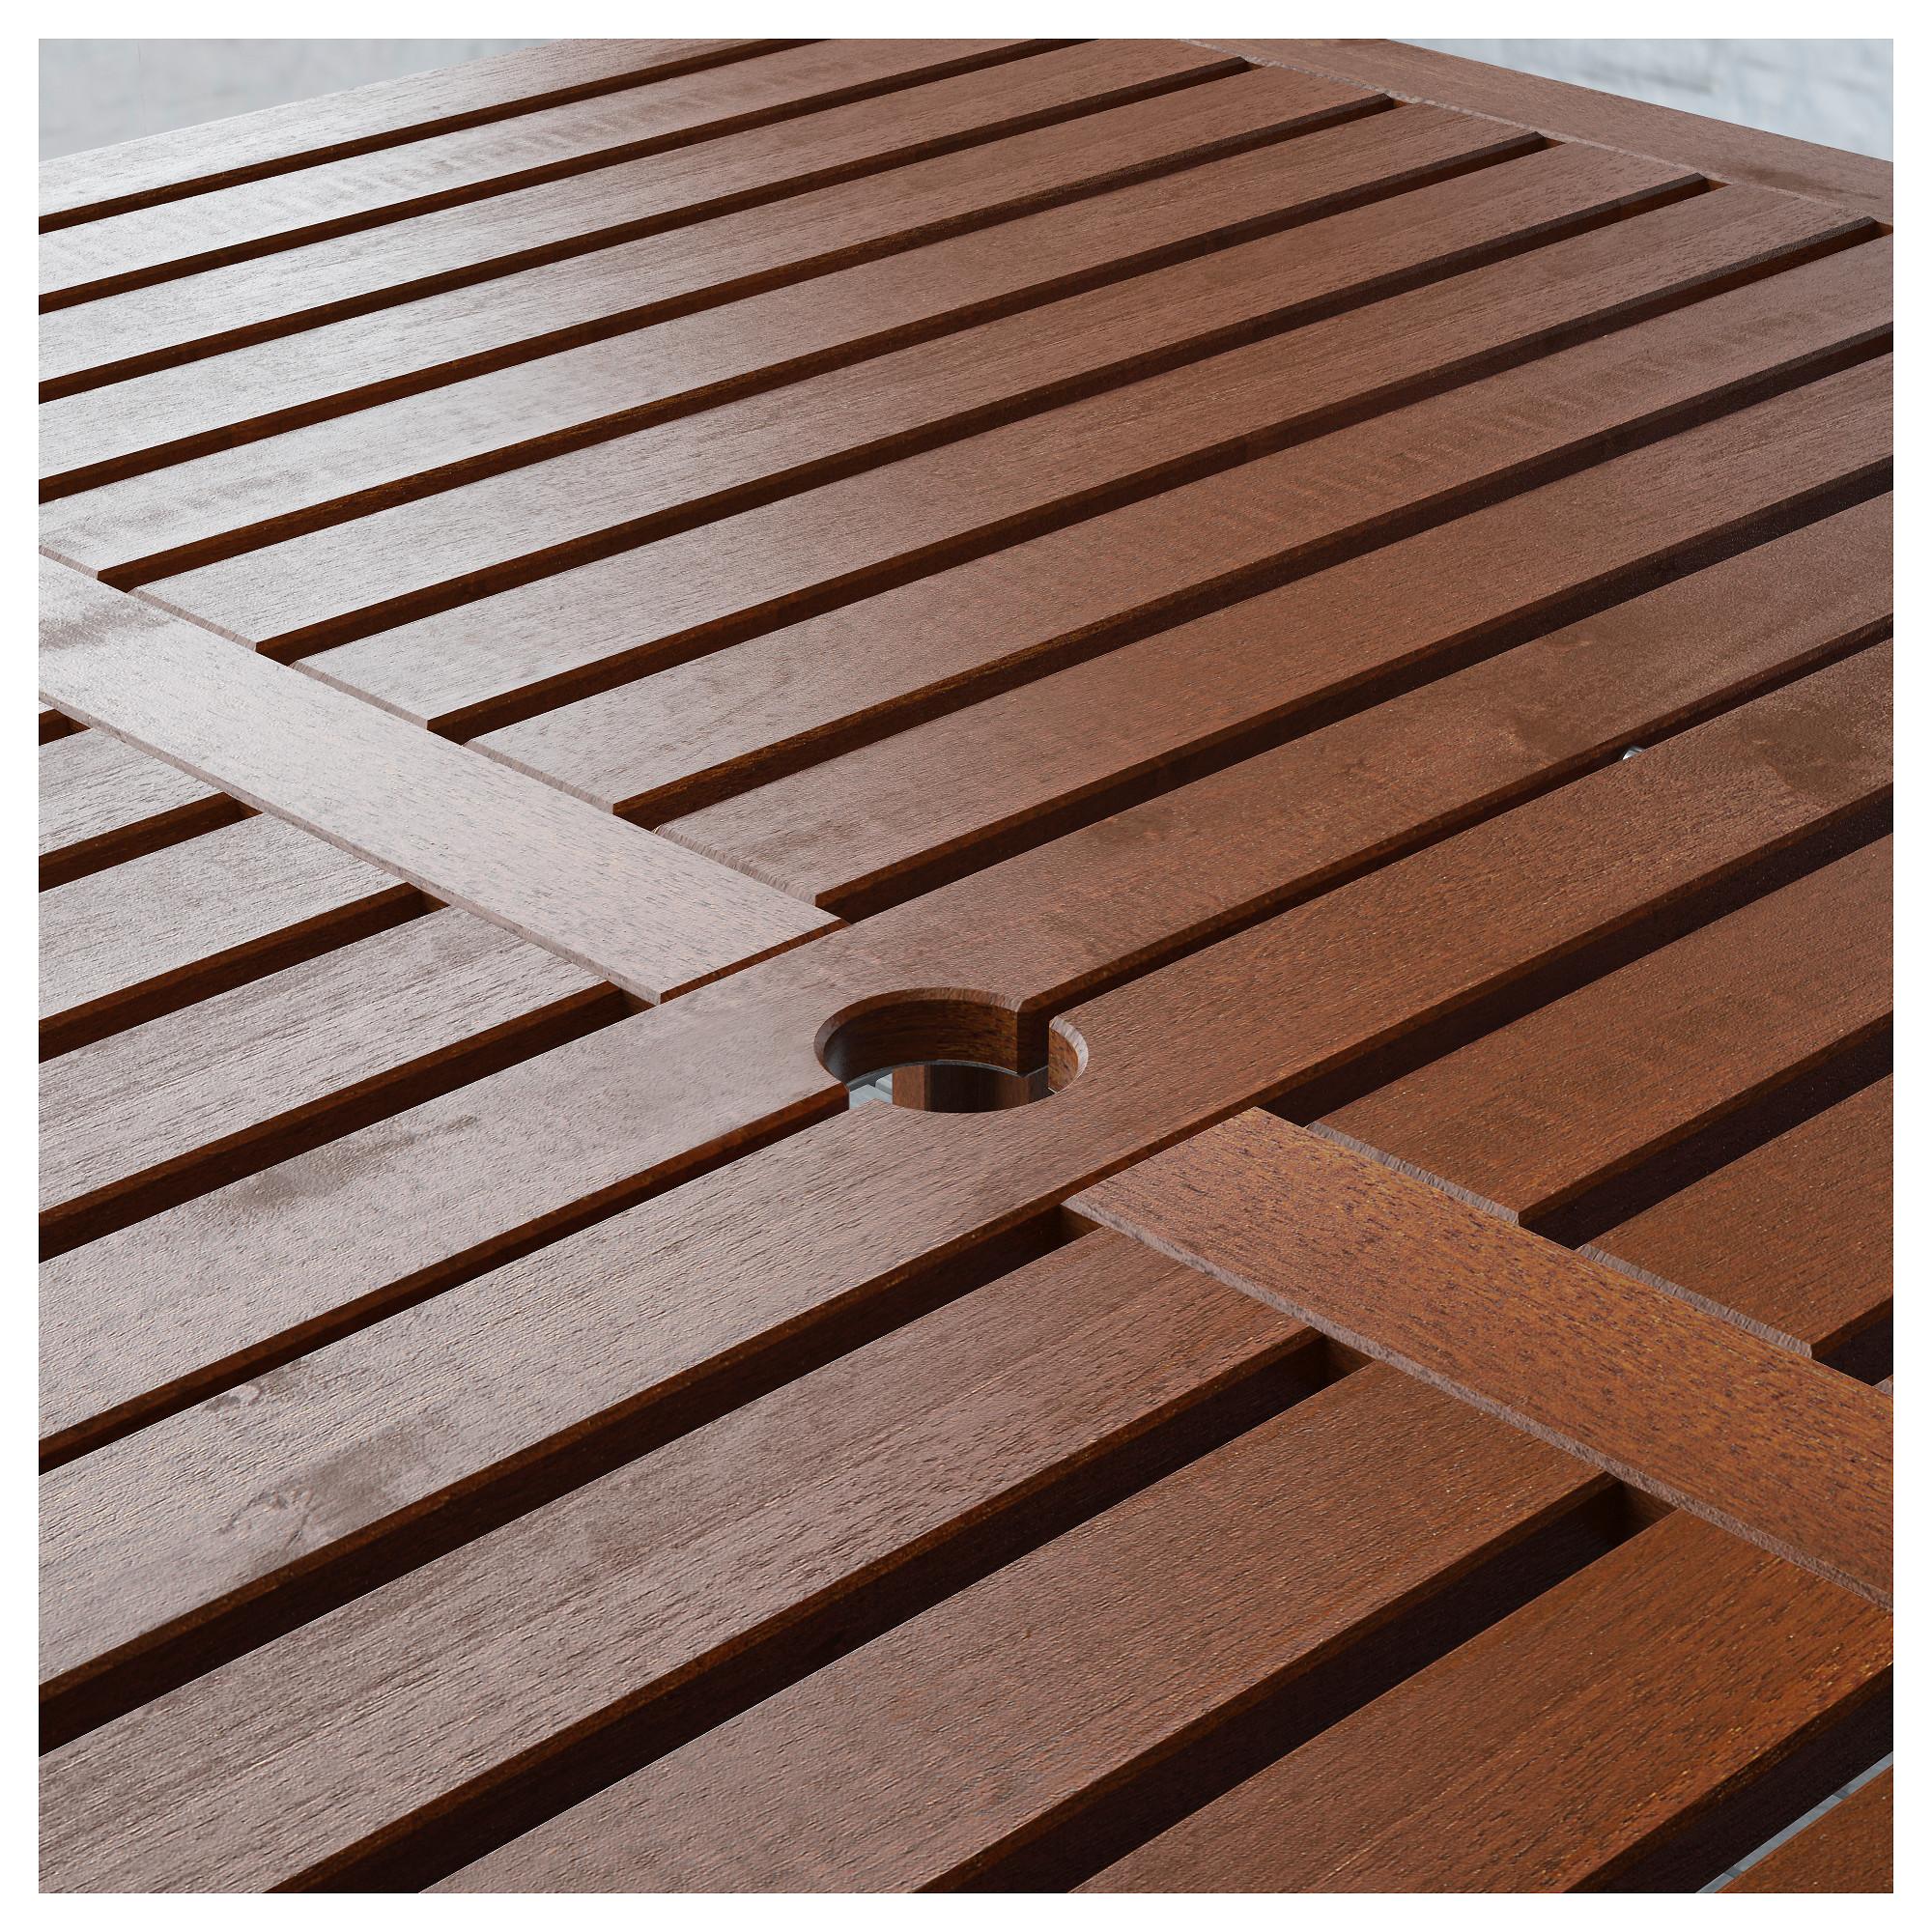 Стол + 6 кресел + скамья для сада ЭПЛАРО артикуль № 392.289.50 в наличии. Интернет каталог IKEA Республика Беларусь. Недорогая доставка и установка.